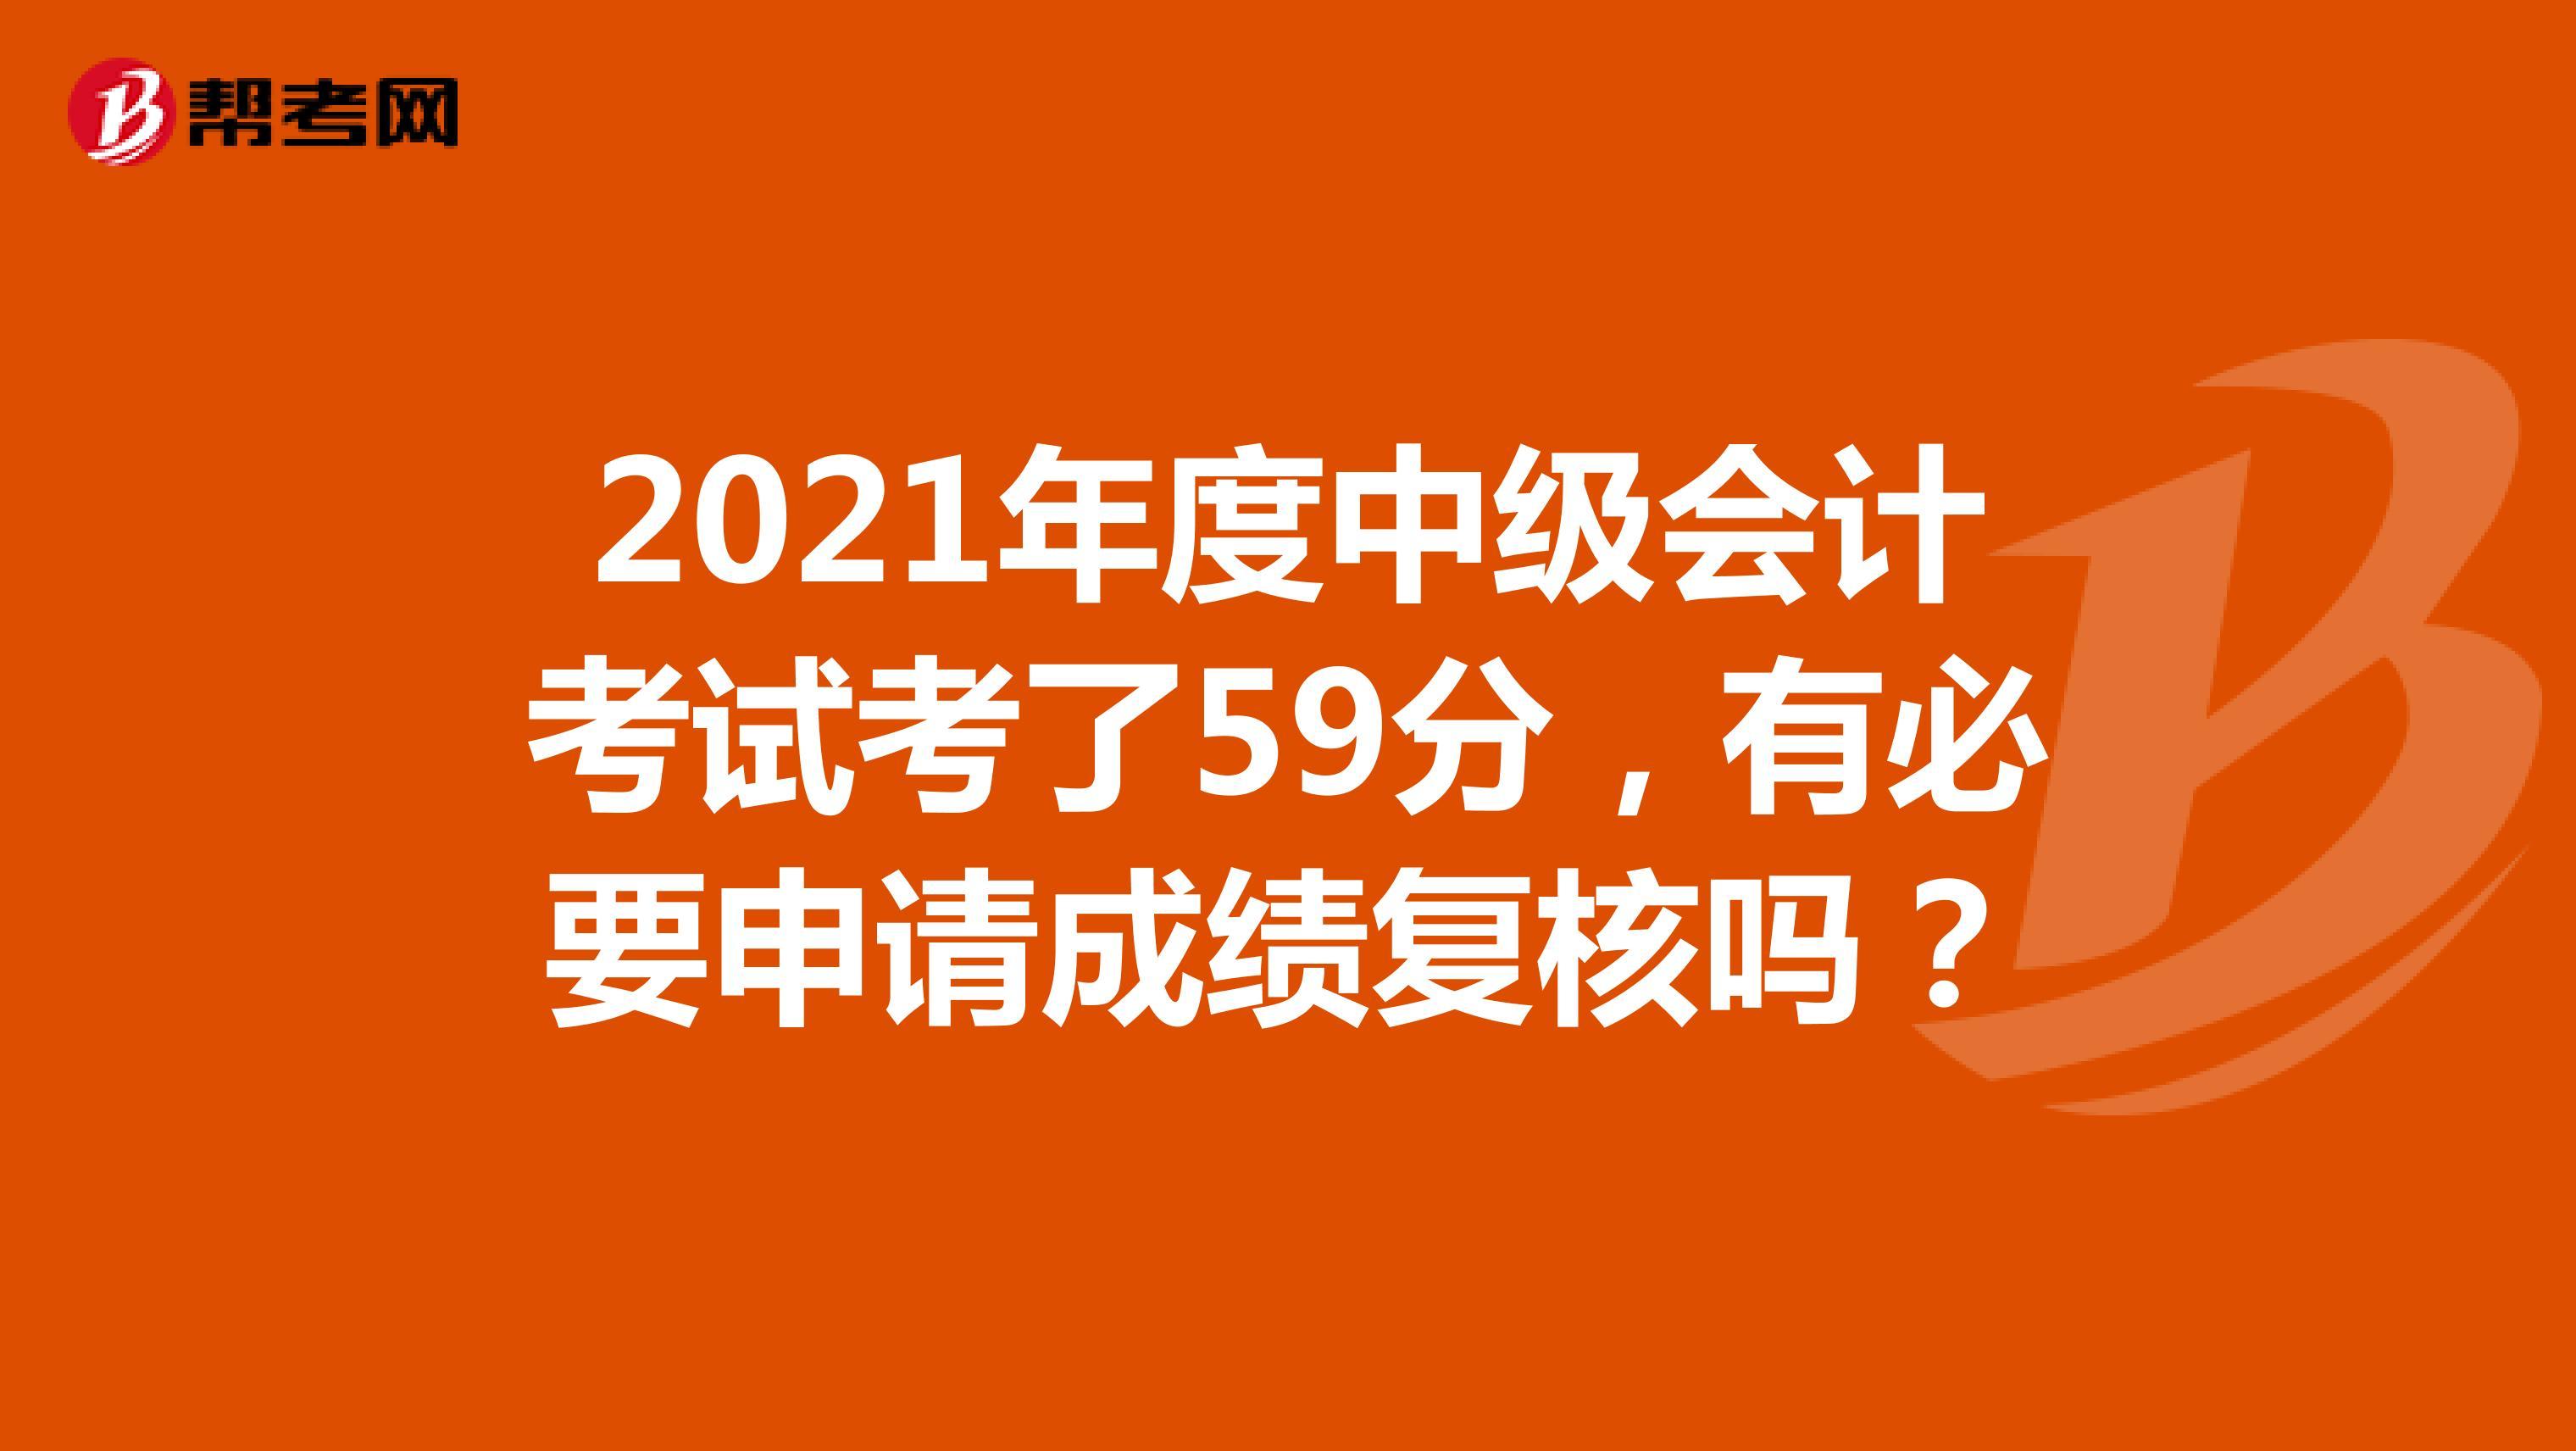 2021年度中级会计考试考了59分,有必要申请成绩复核吗?